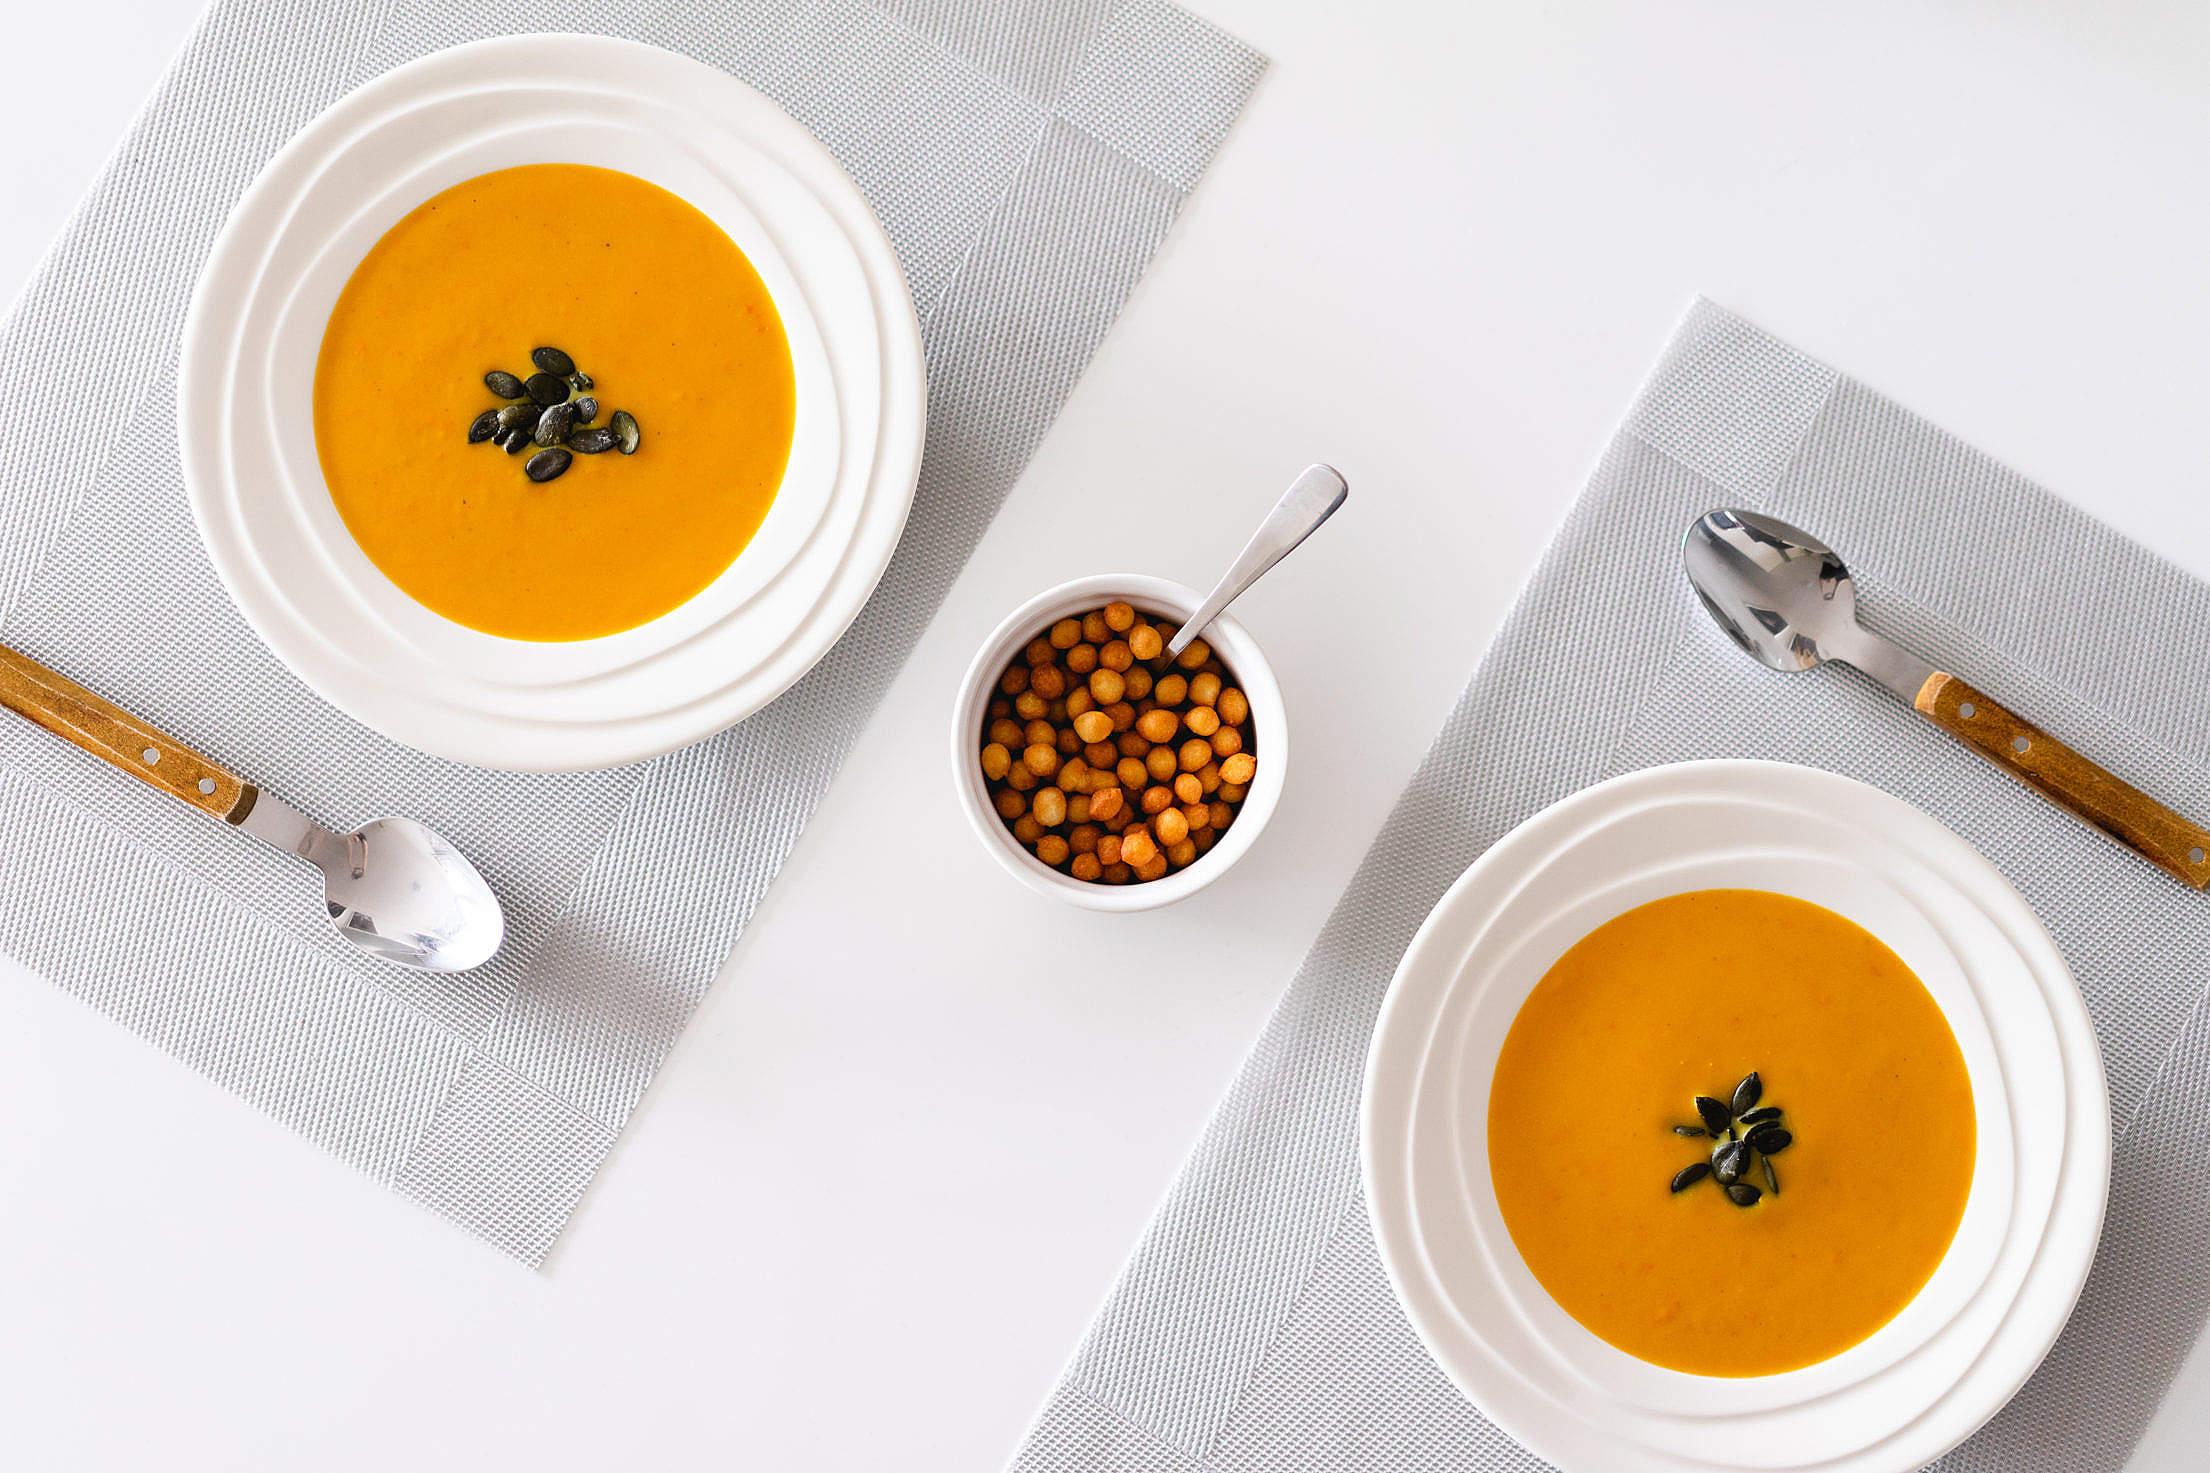 Pumpkin Soup Free Stock Photo